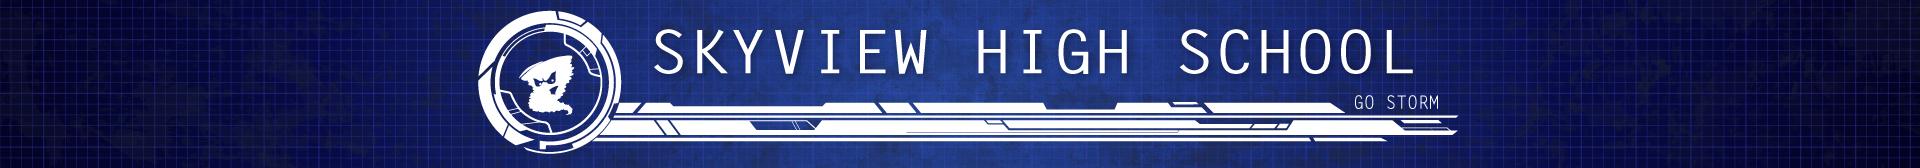 Skyview High School Banner